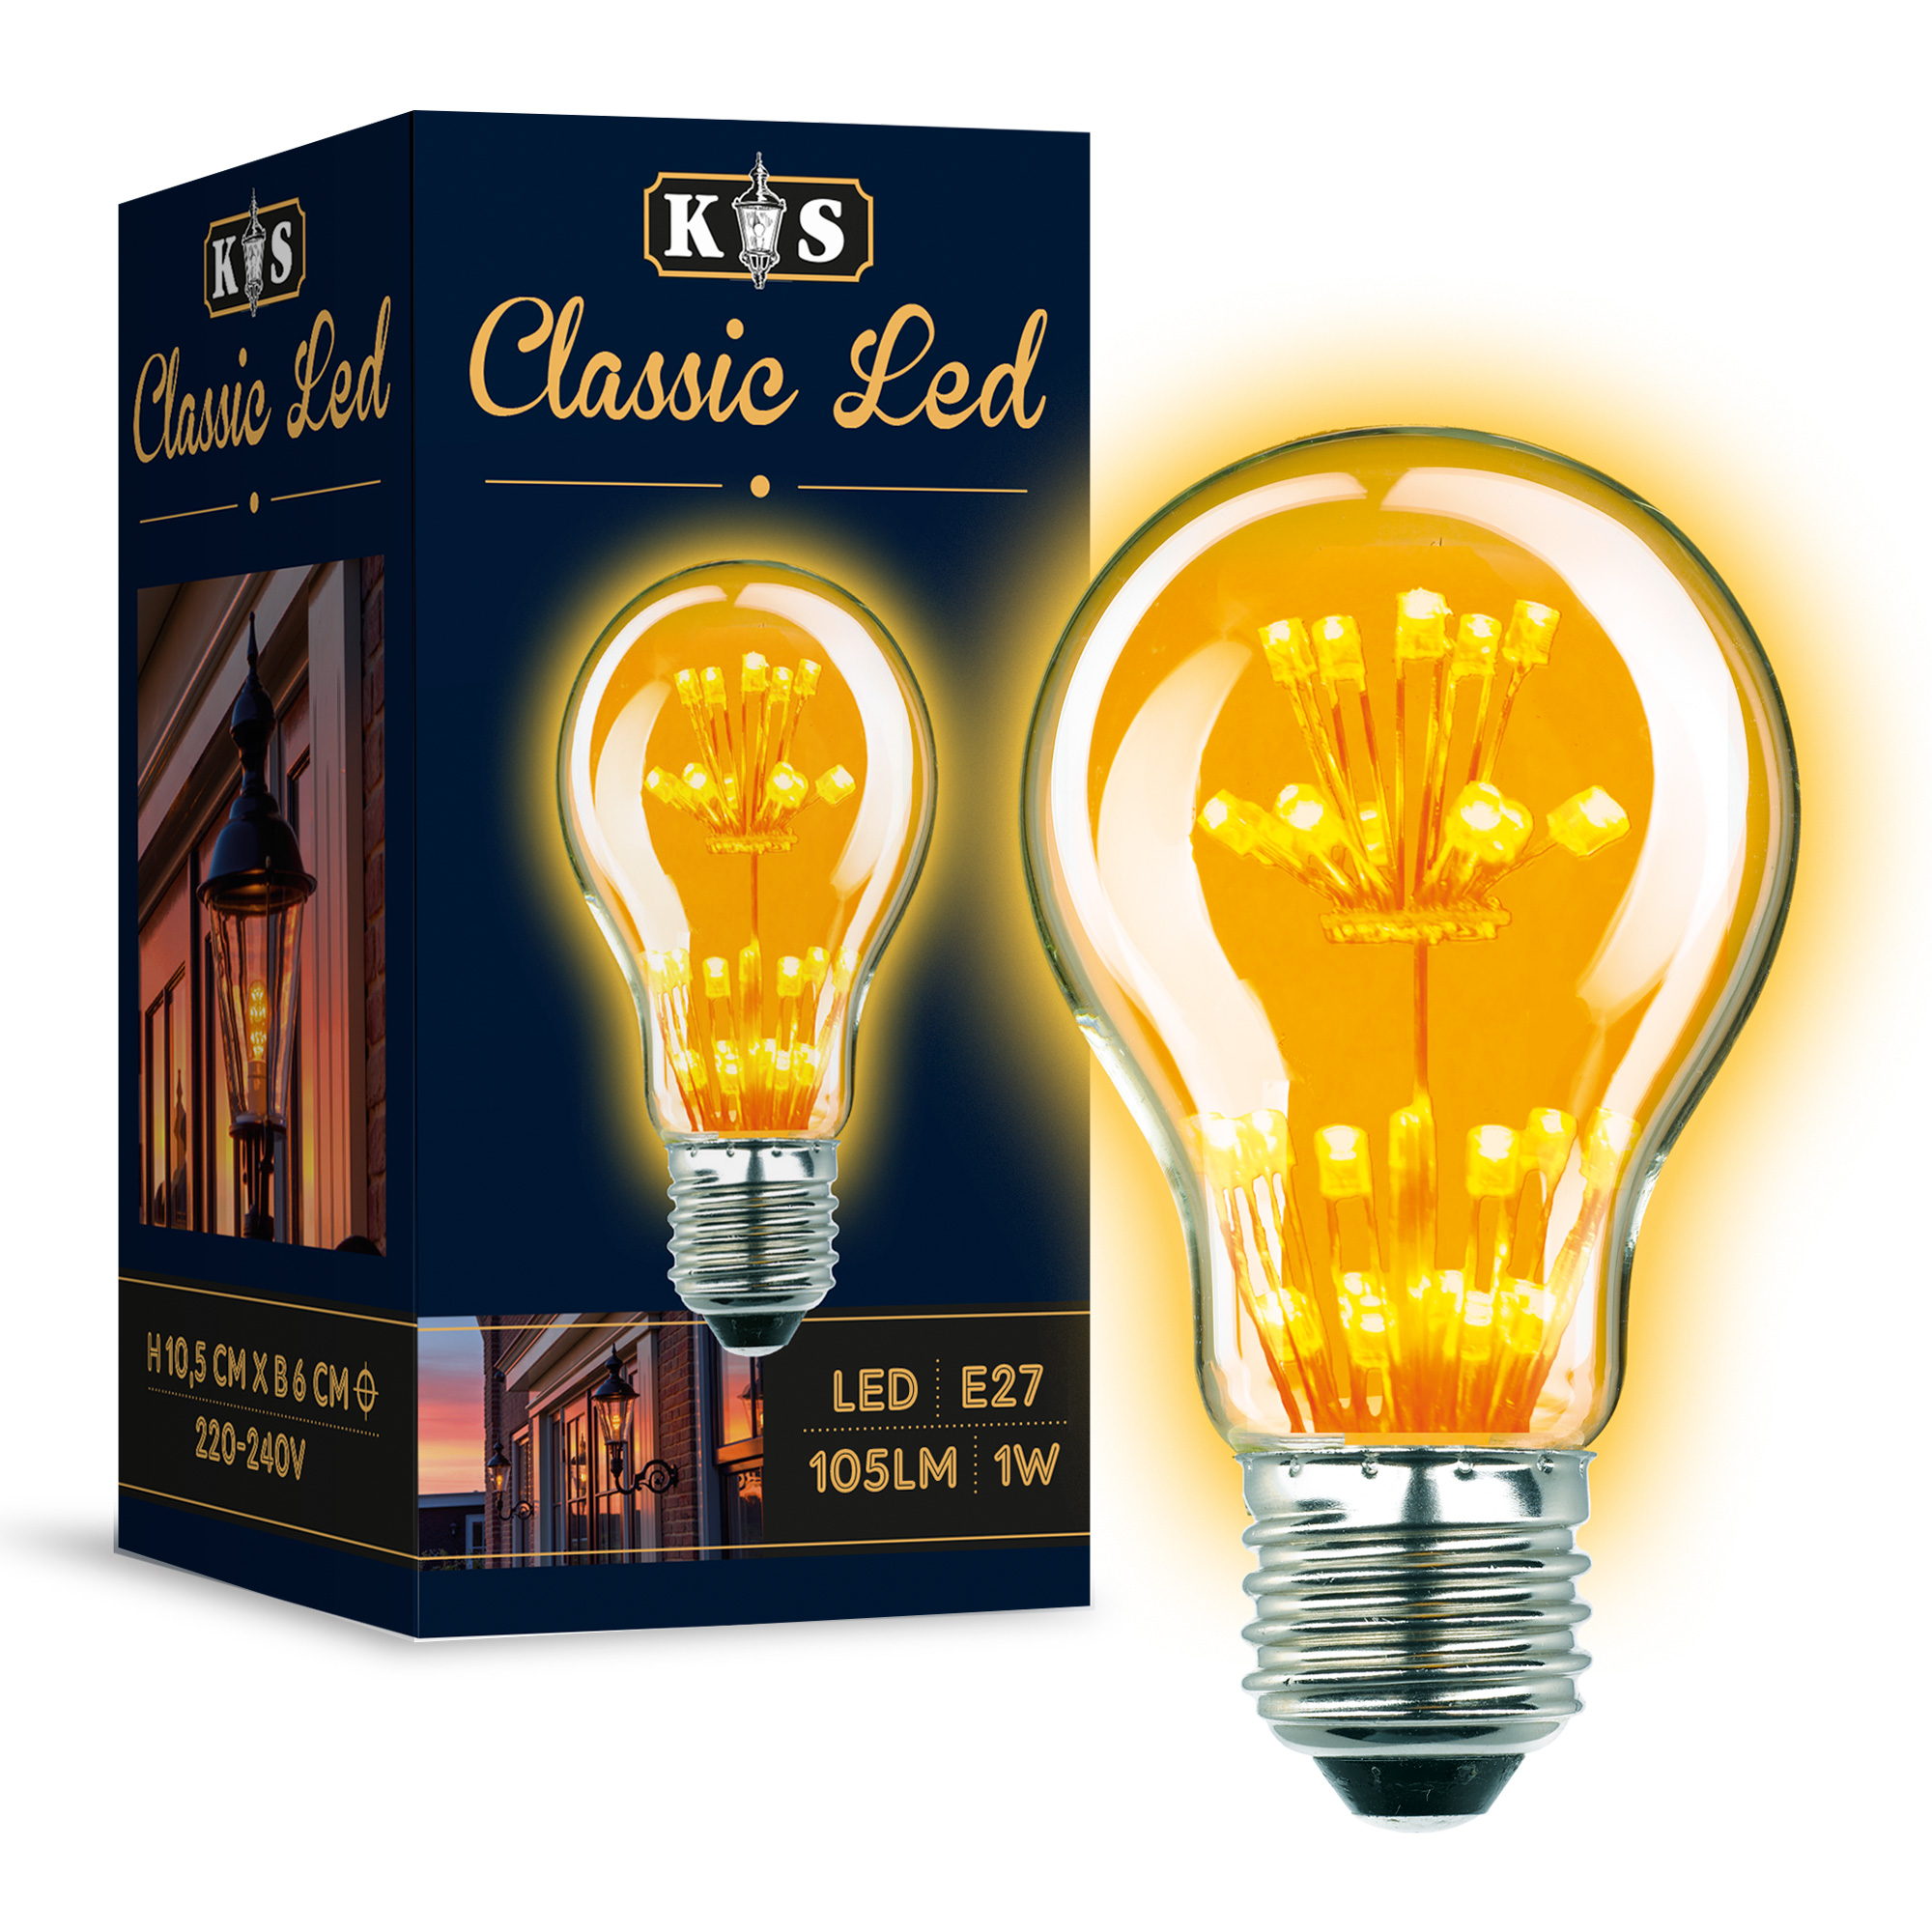 Ledlamp Classic LED